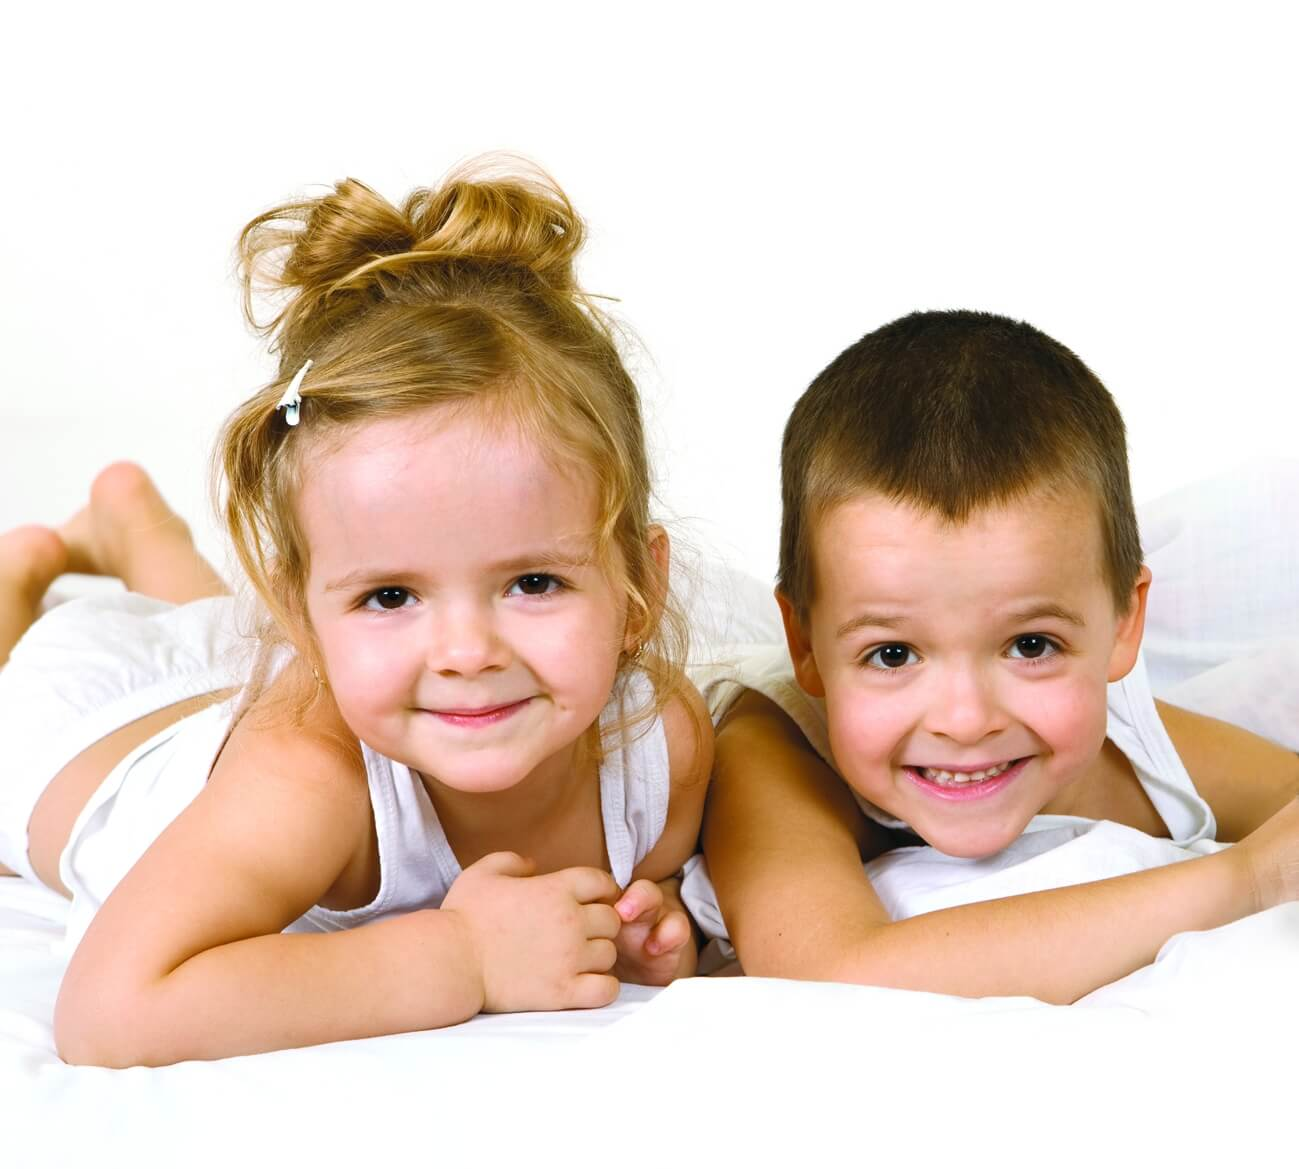 Норма гемоглобина у ребенка до года и детей старшего возраста